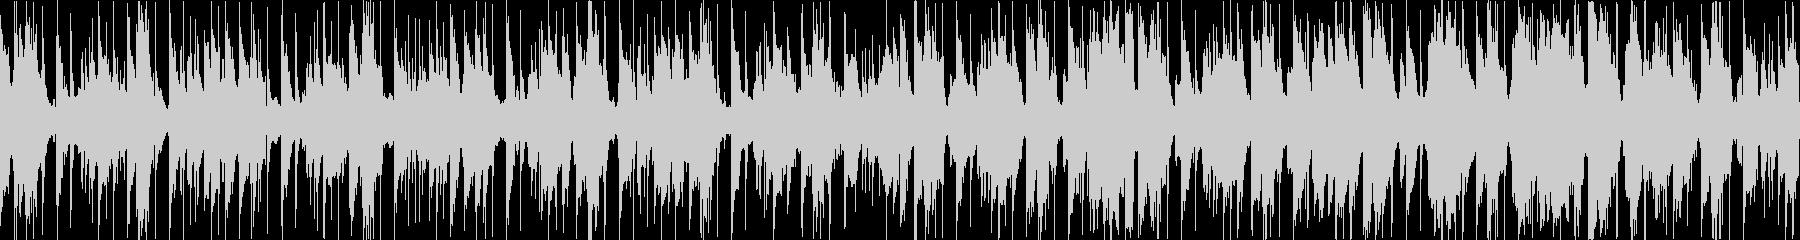 【ボーカル】セクシーな映像に合うR&B系の未再生の波形